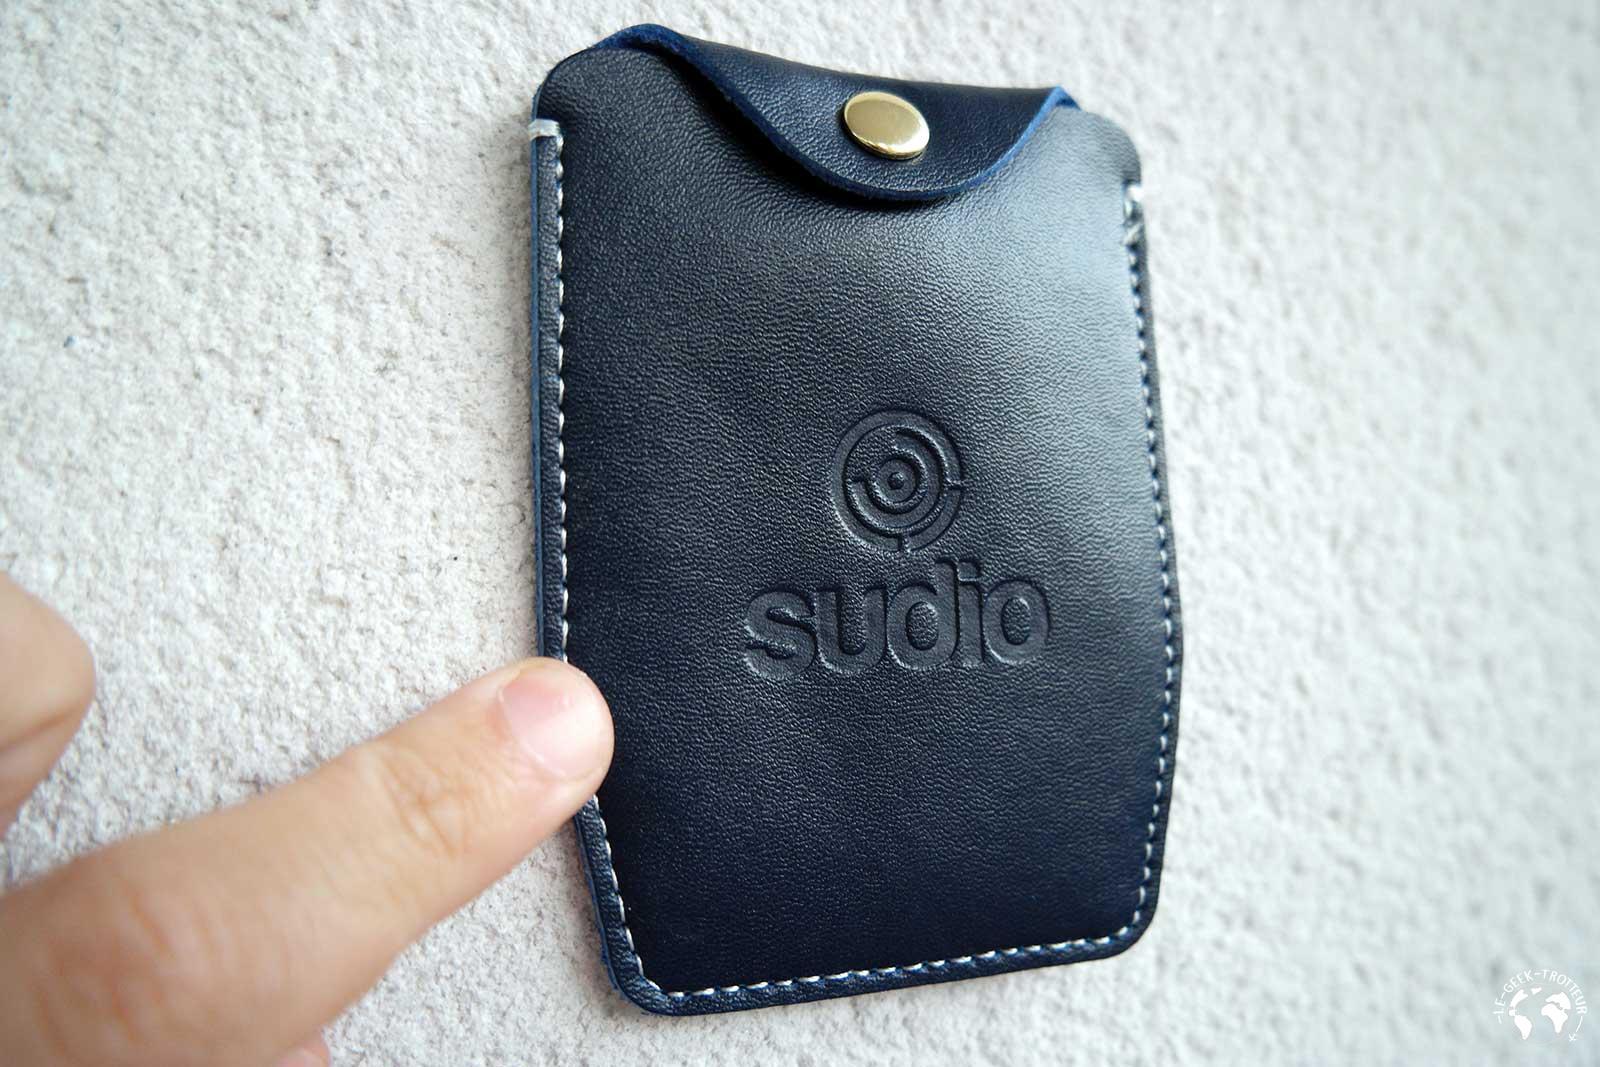 Etui des écouteurs Bluetooth Sudio Tre